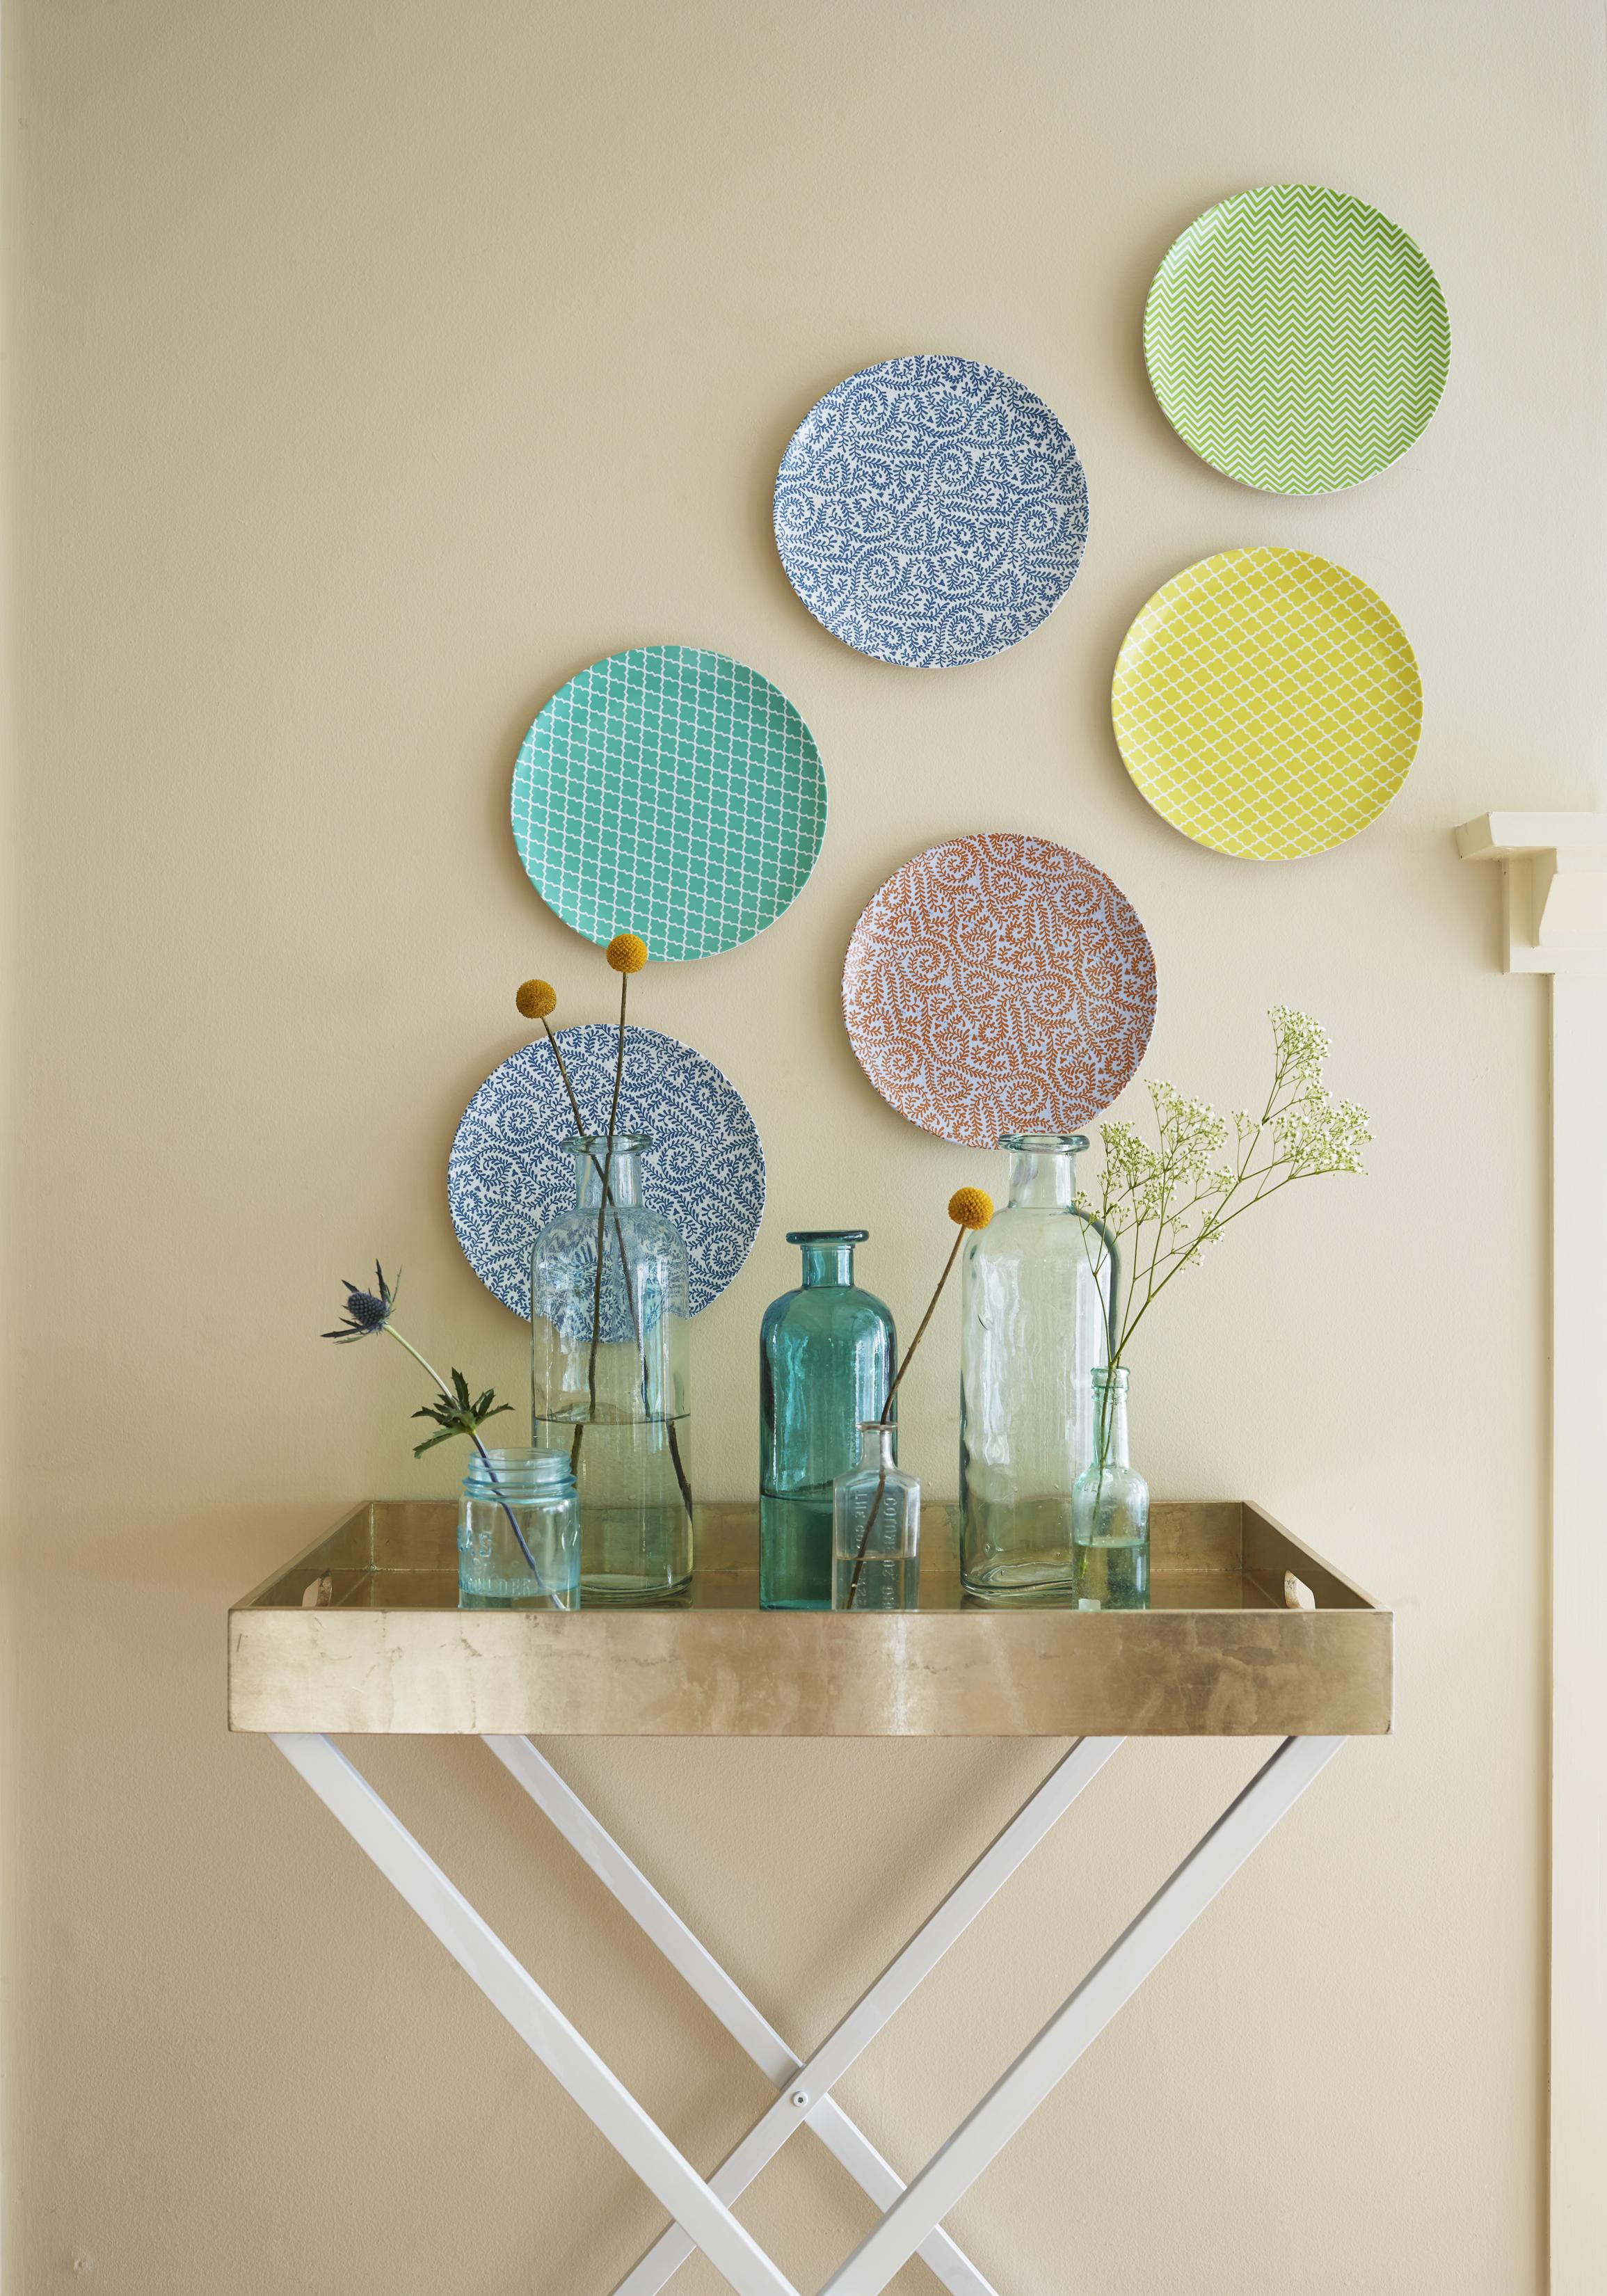 Astuce d'habillage de mur pour décoration pas cher avec objet de la maison